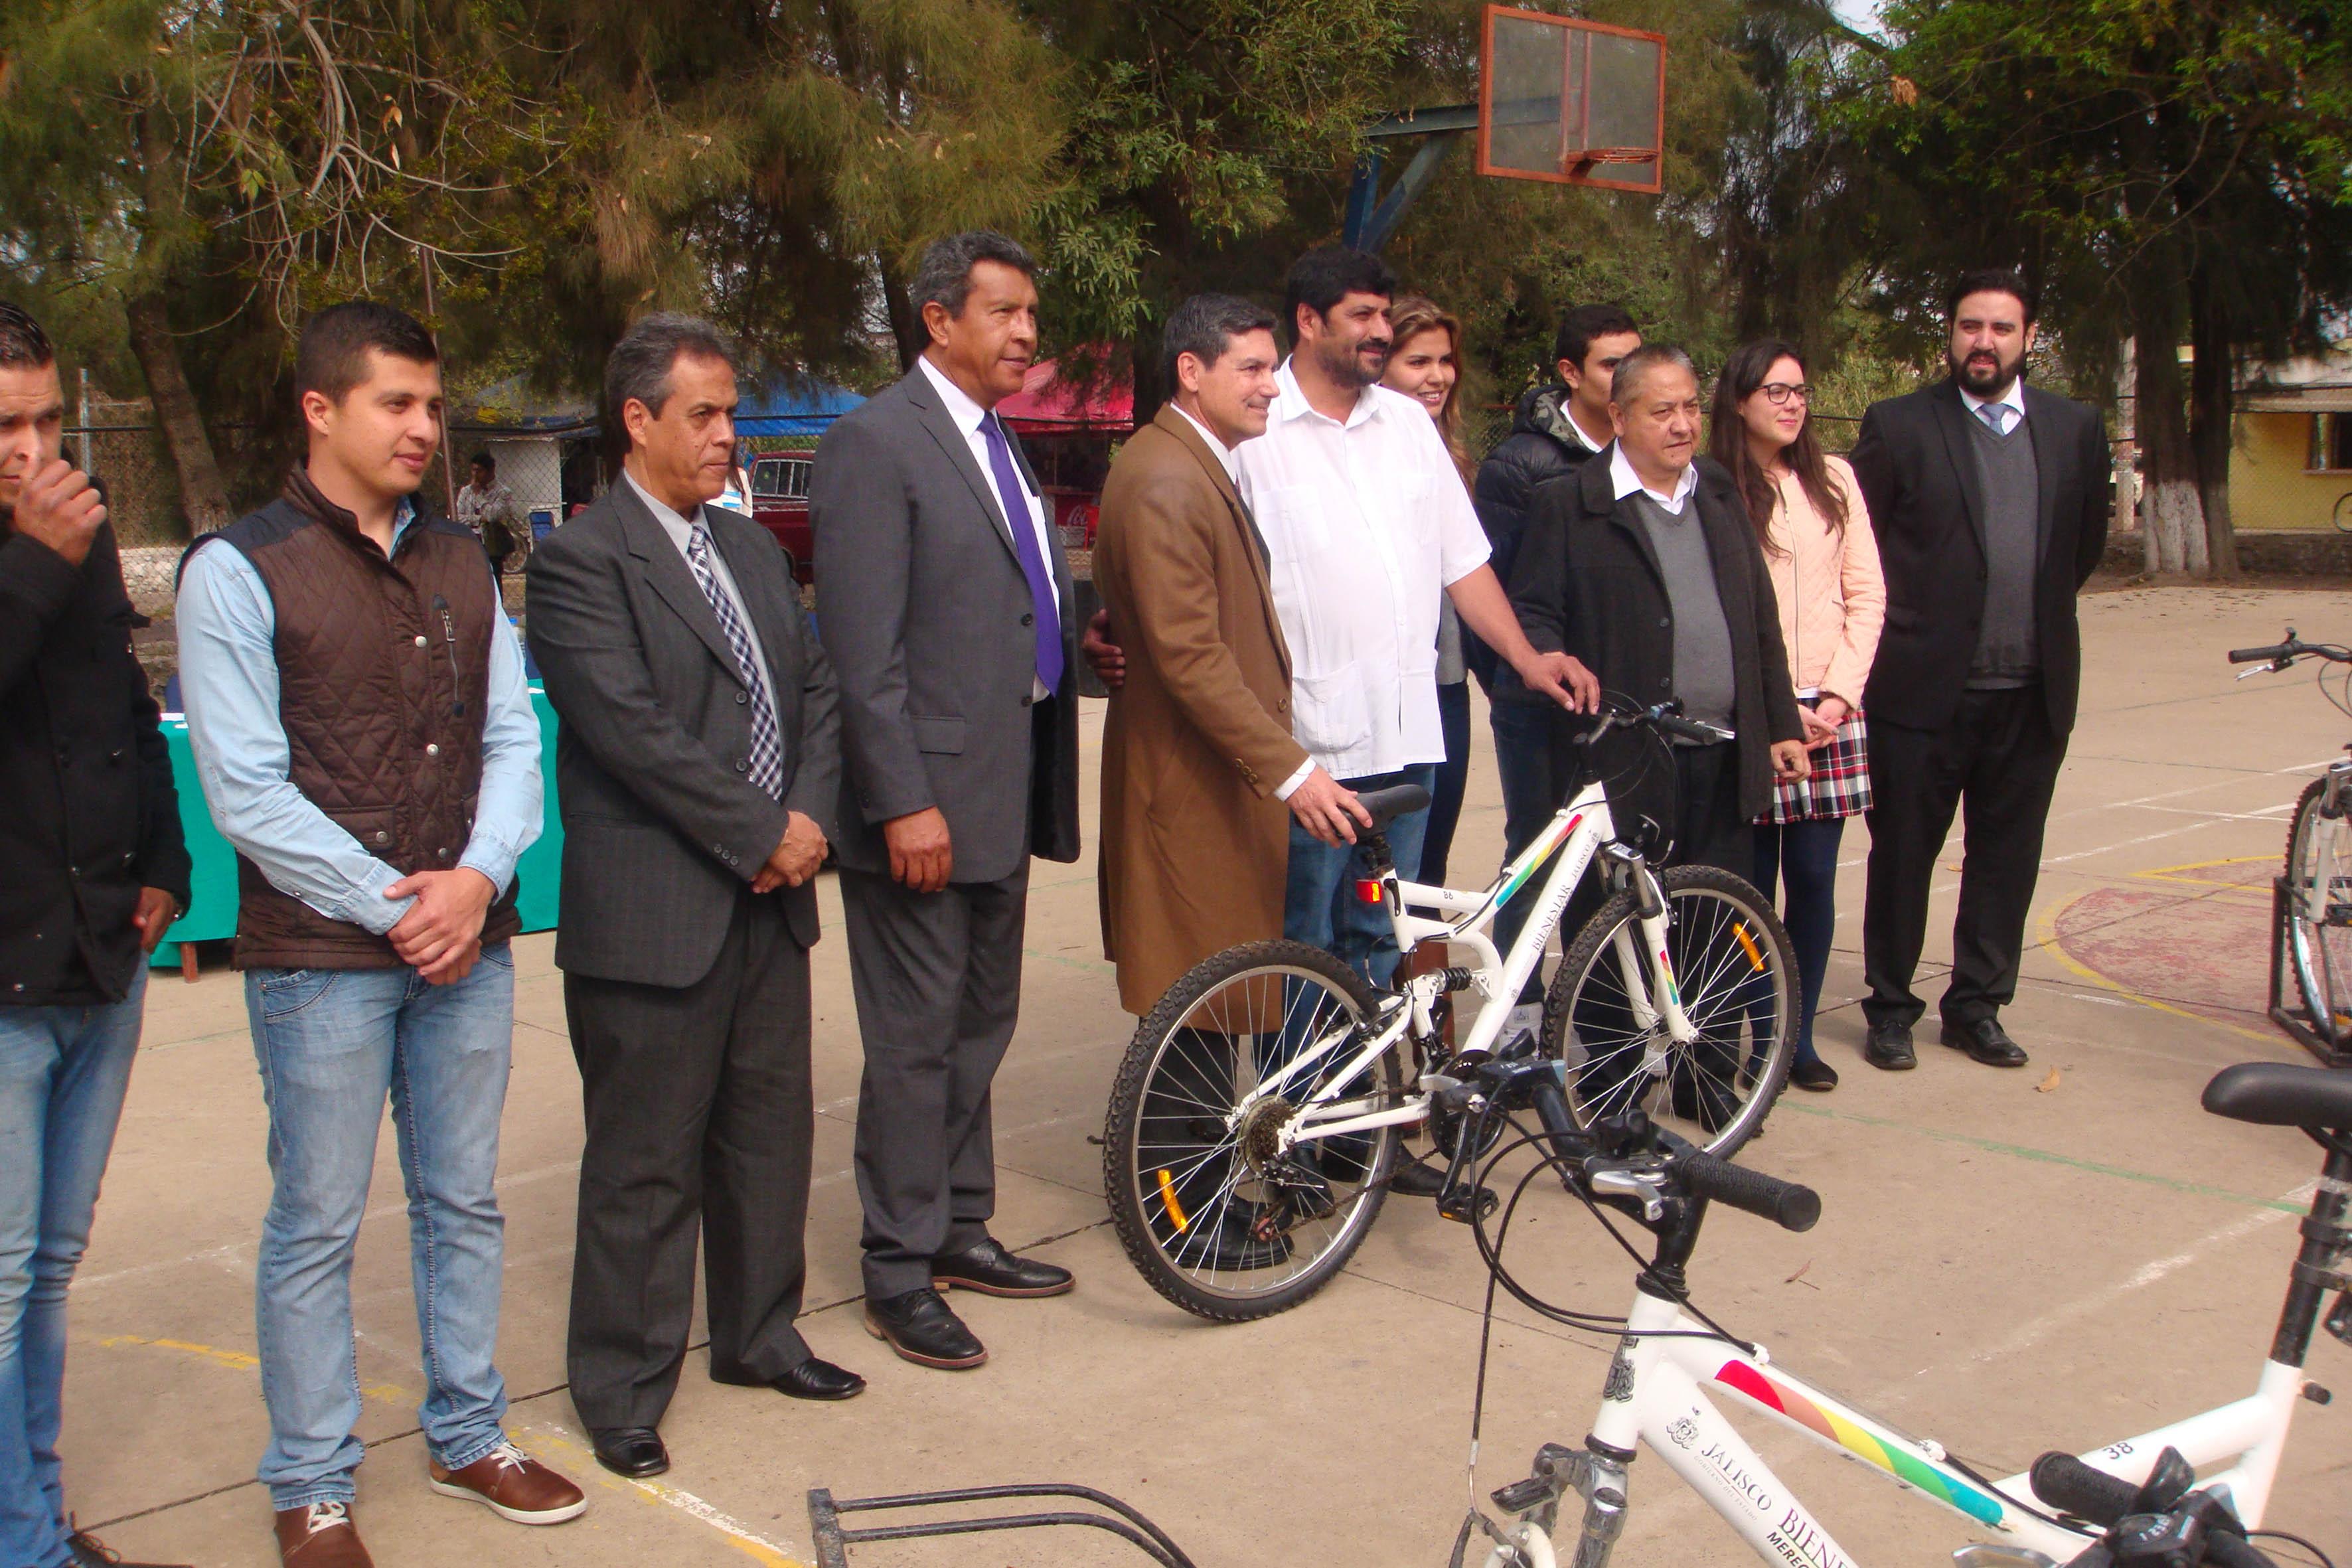 Gente del centro universitario de los valles entregando bicicletas nuevas